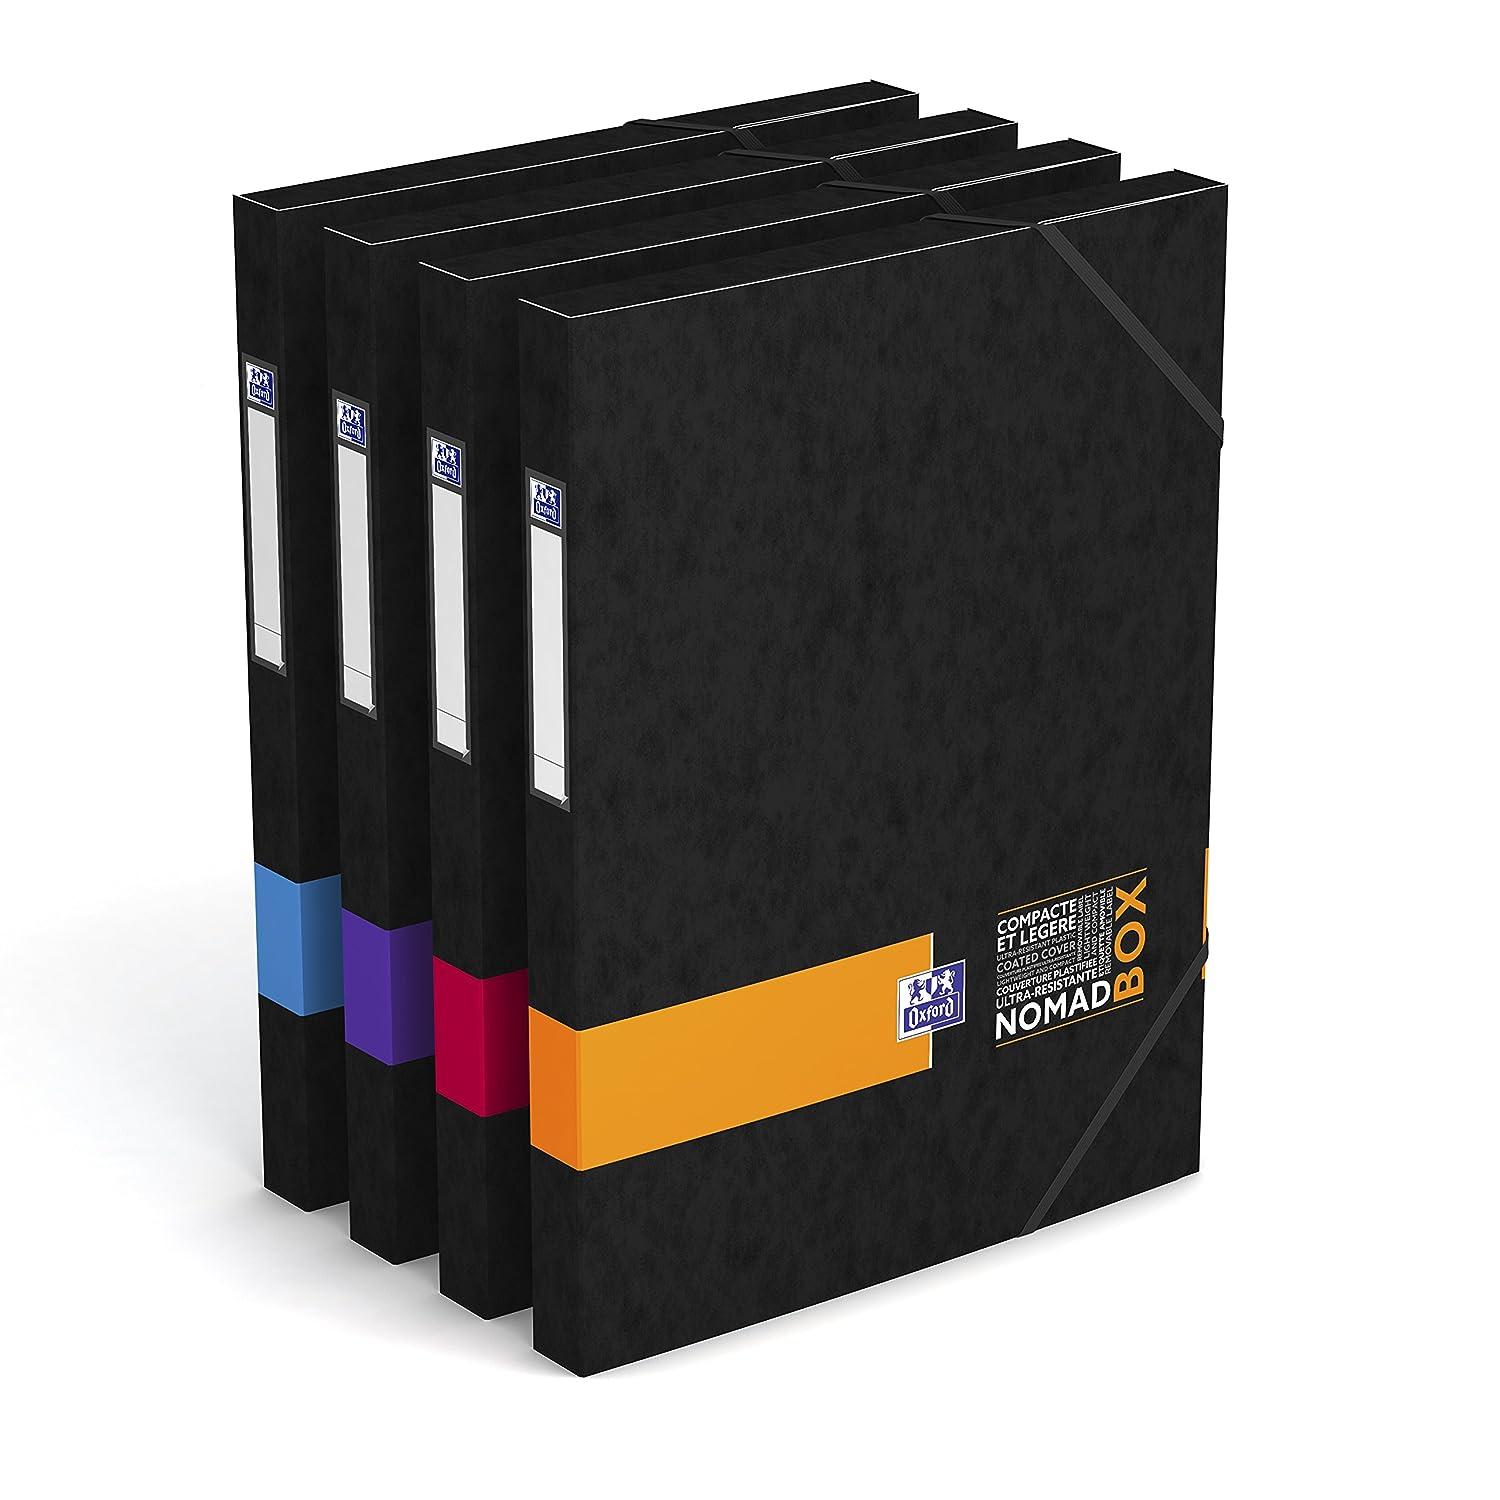 Oxford nomad' Box Scatola di archivio dorso 25mm colori casuali Hamelin Brands 400066000